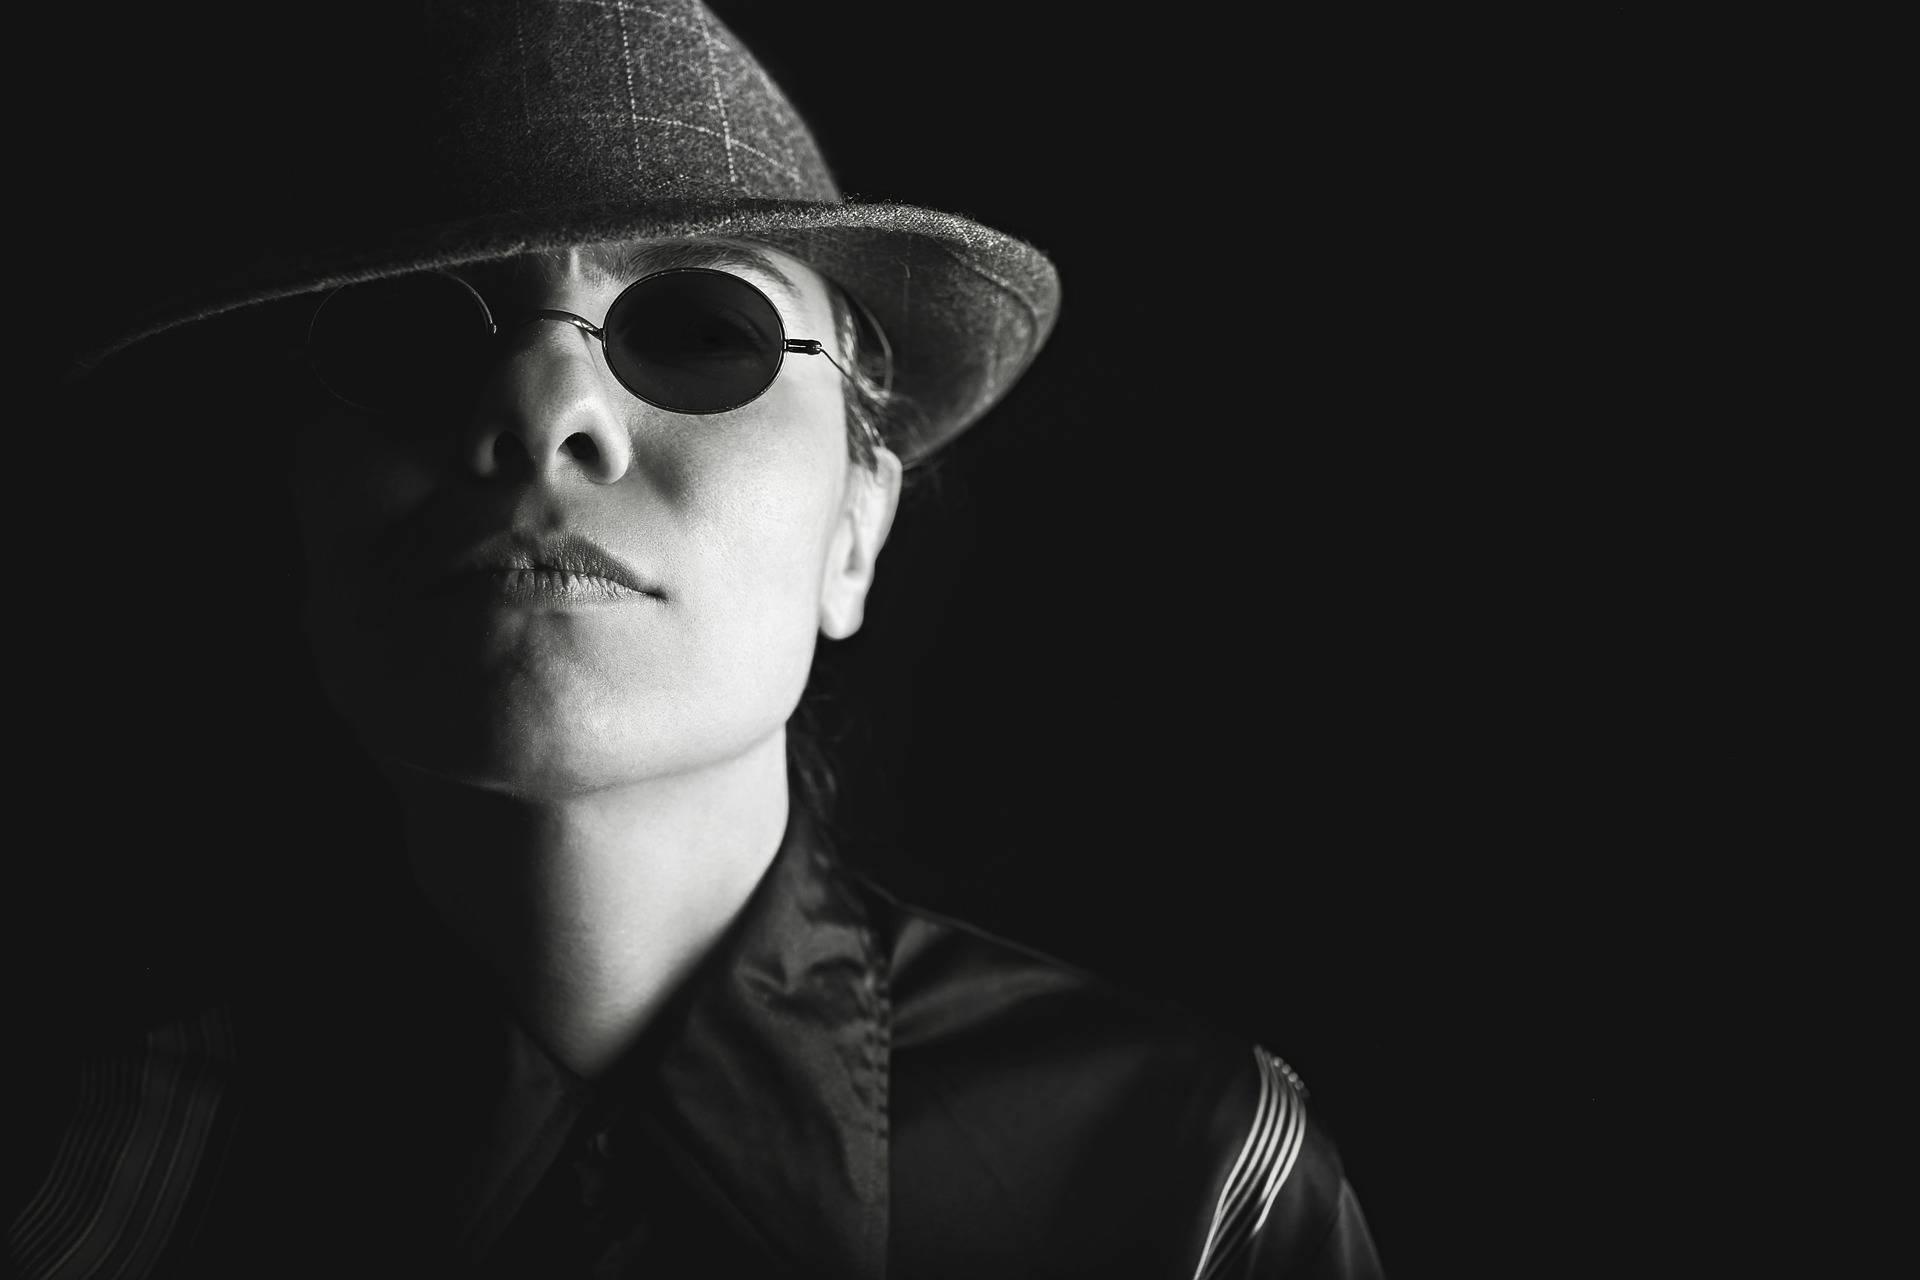 Bist du ein ISTJ Persönlichkeitstyp (Der Detektiv)